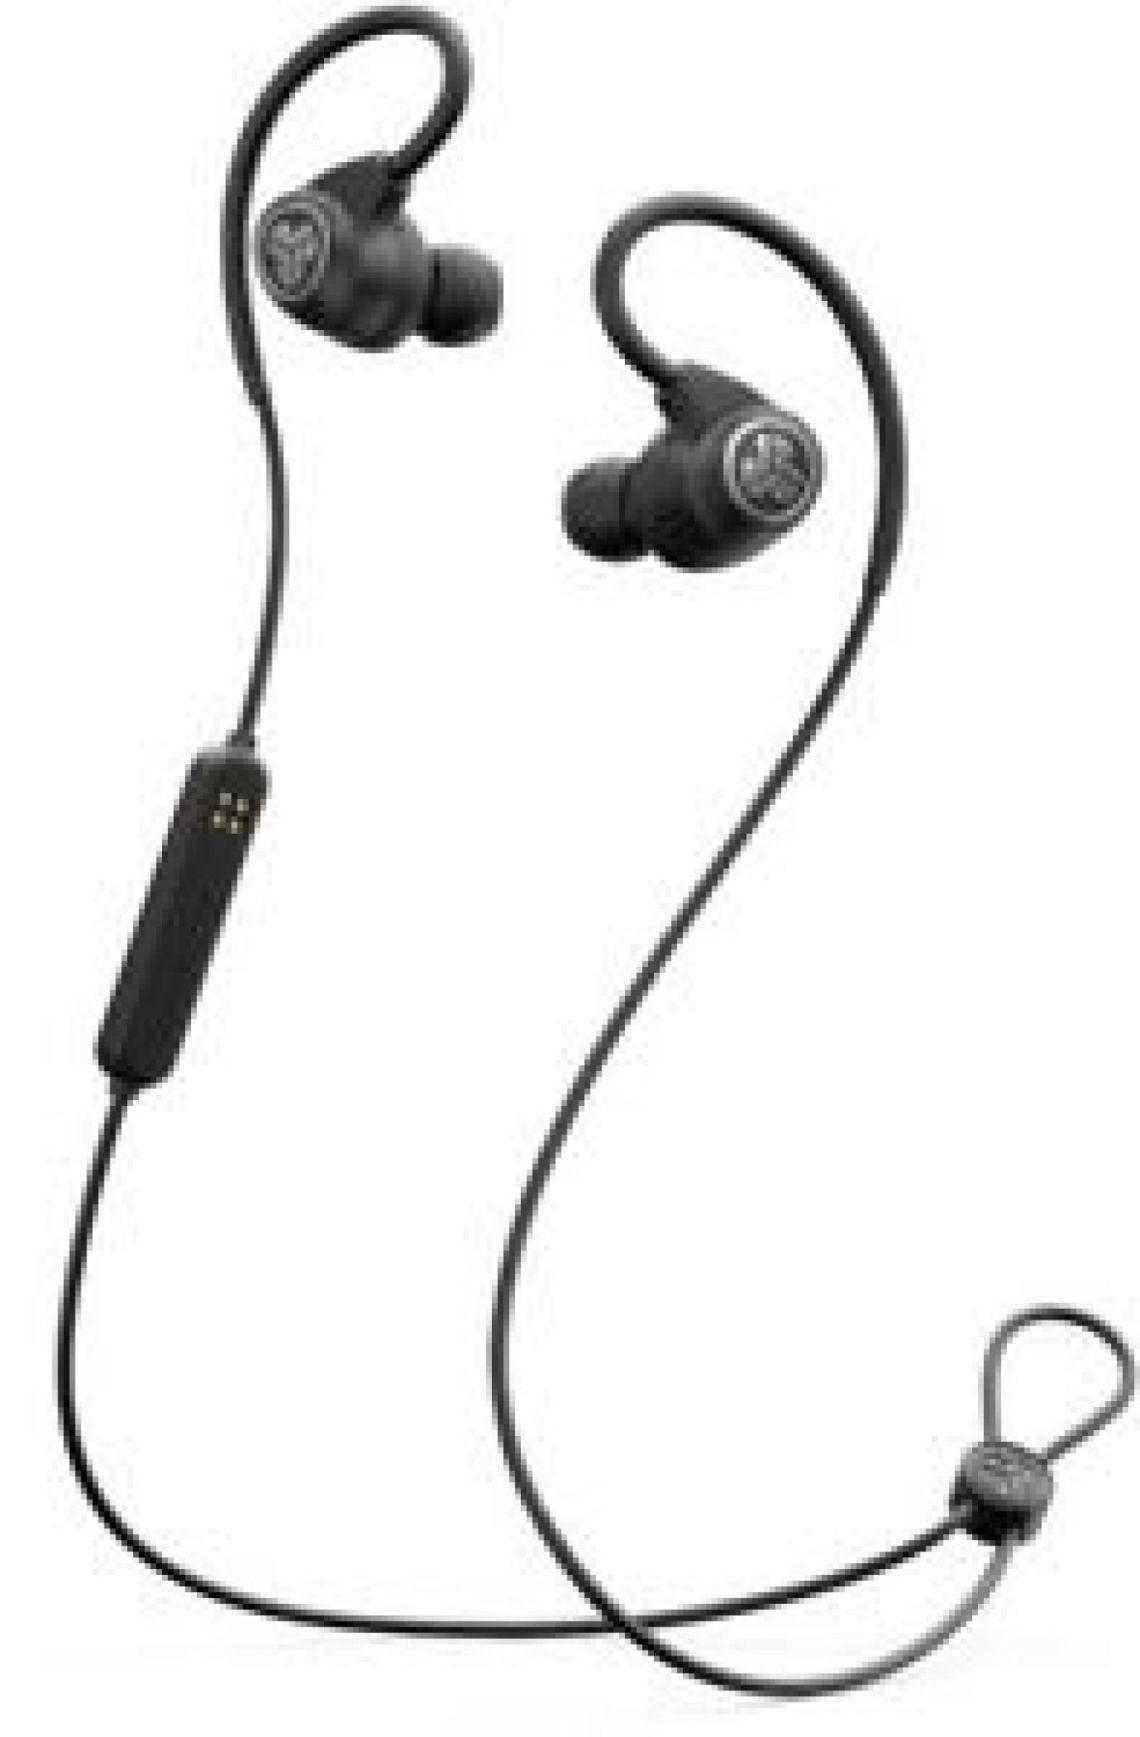 JLab Audio - Epic Sport Wireless In-Ear Headphones - Black | eBay